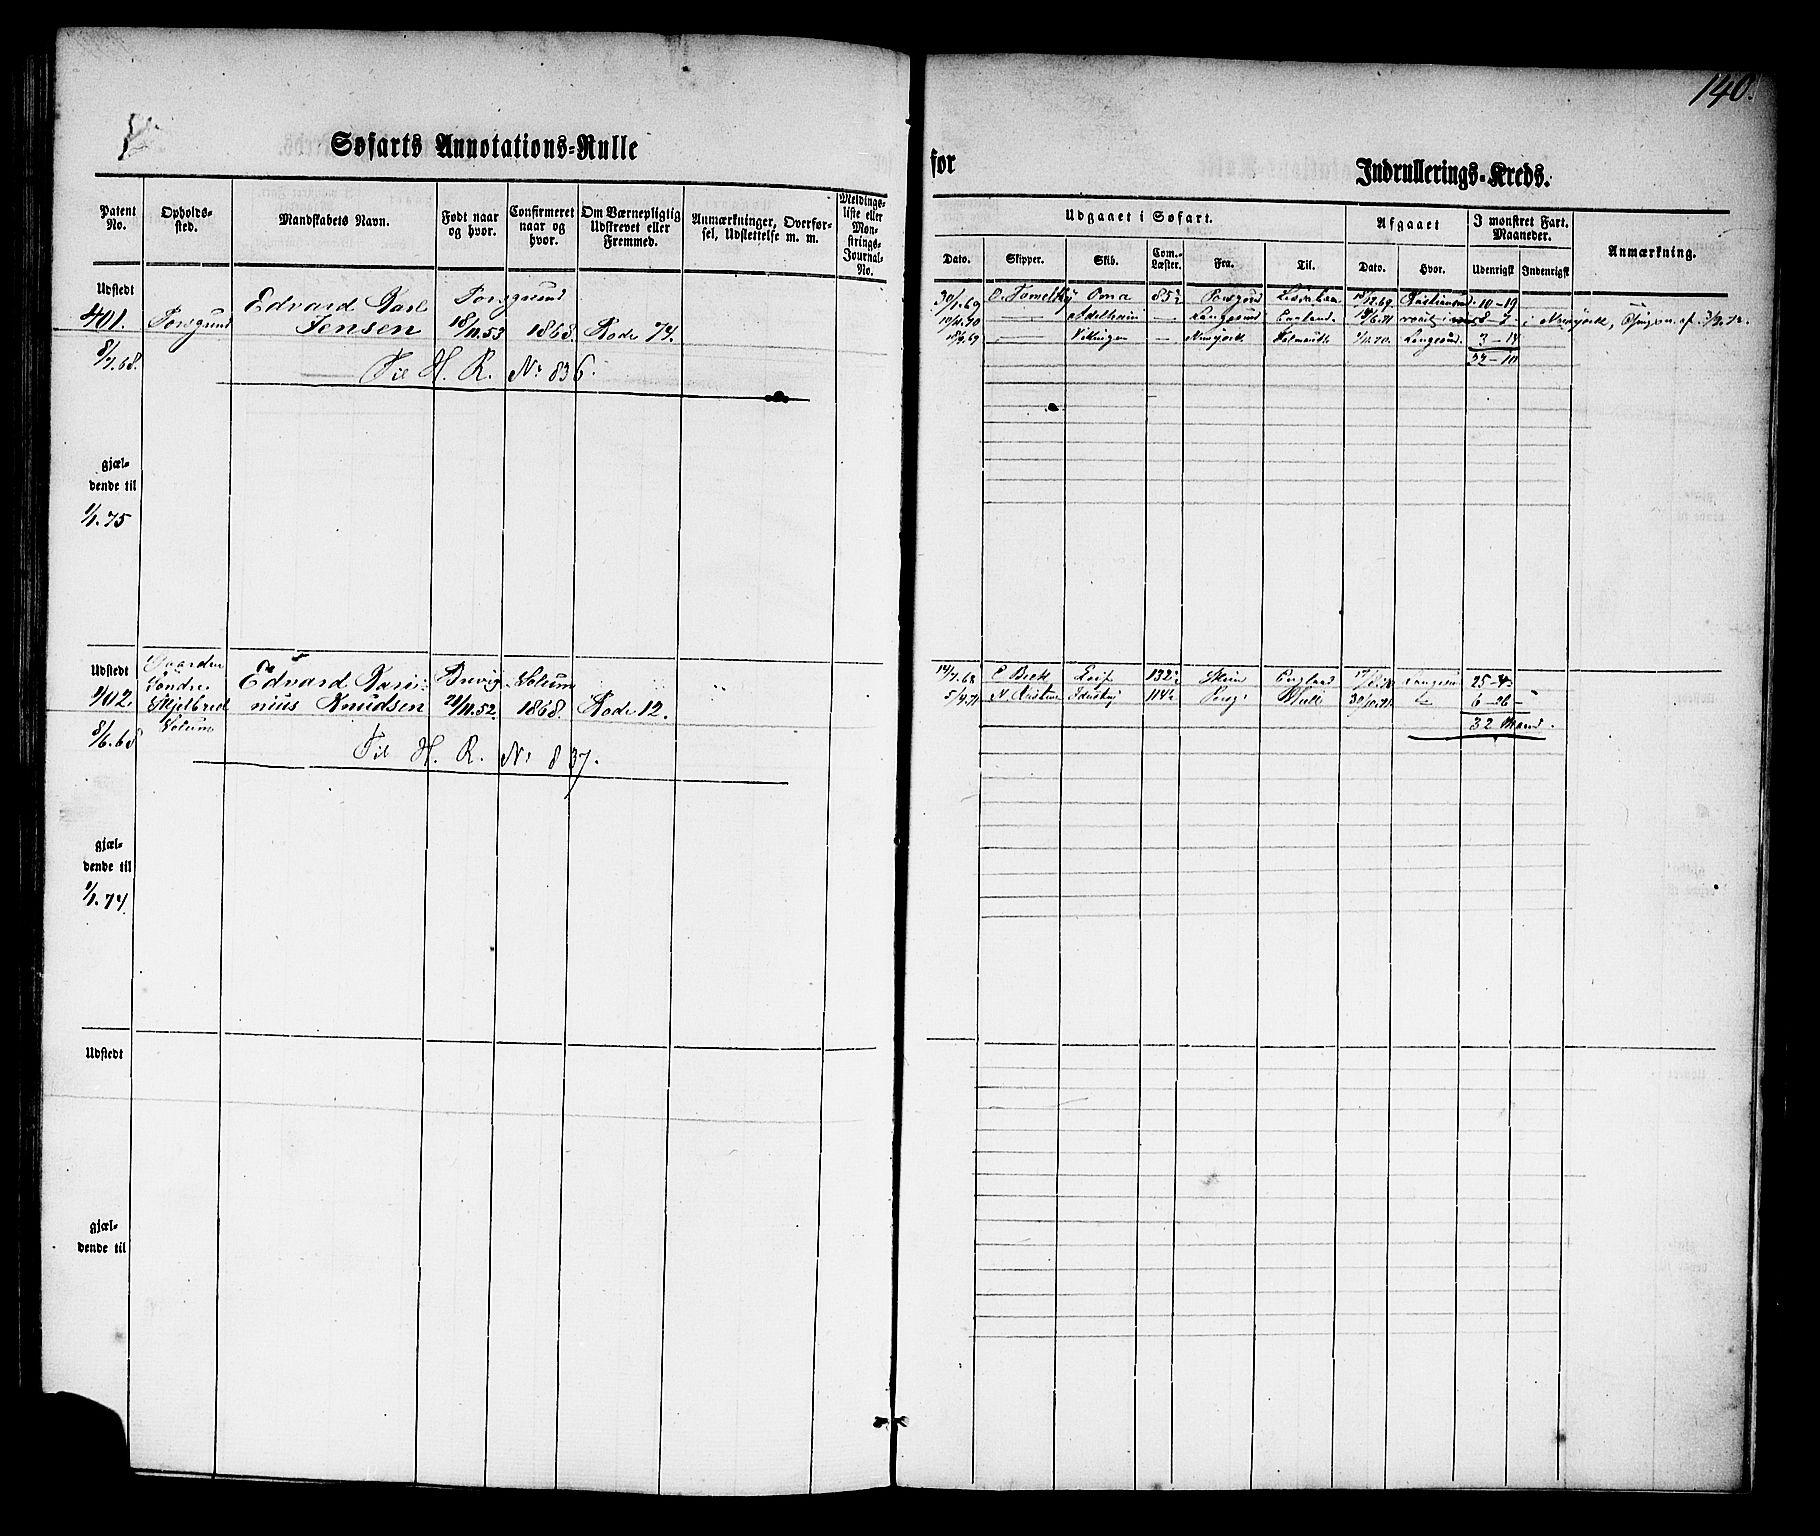 SAKO, Porsgrunn innrulleringskontor, F/Fb/L0001: Annotasjonsrulle, 1860-1868, p. 169